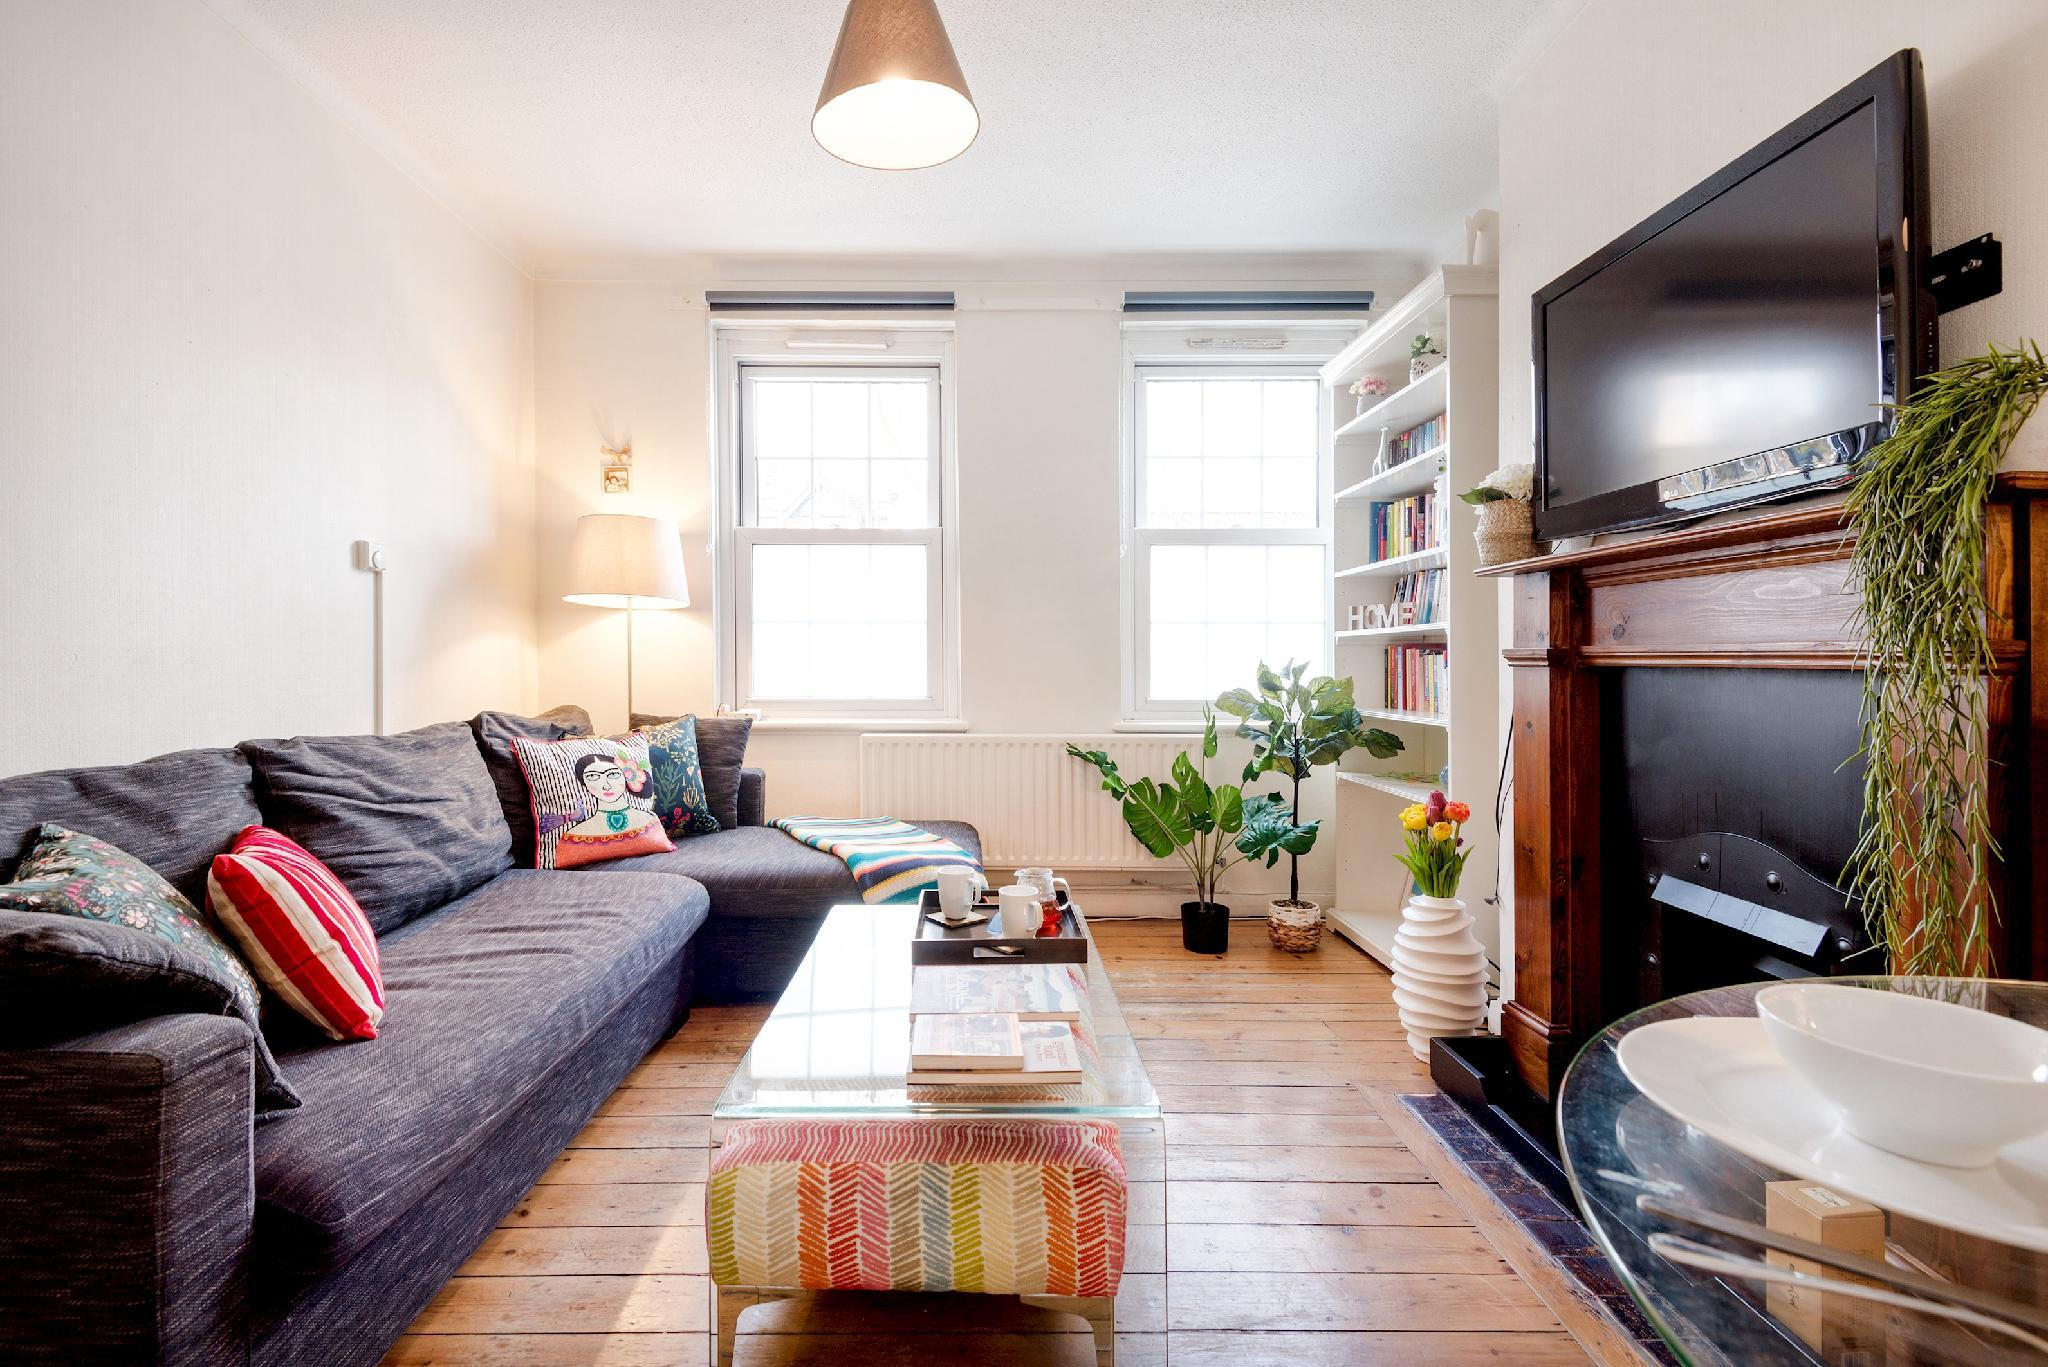 The Stunning Kennington Apartment - RAFC